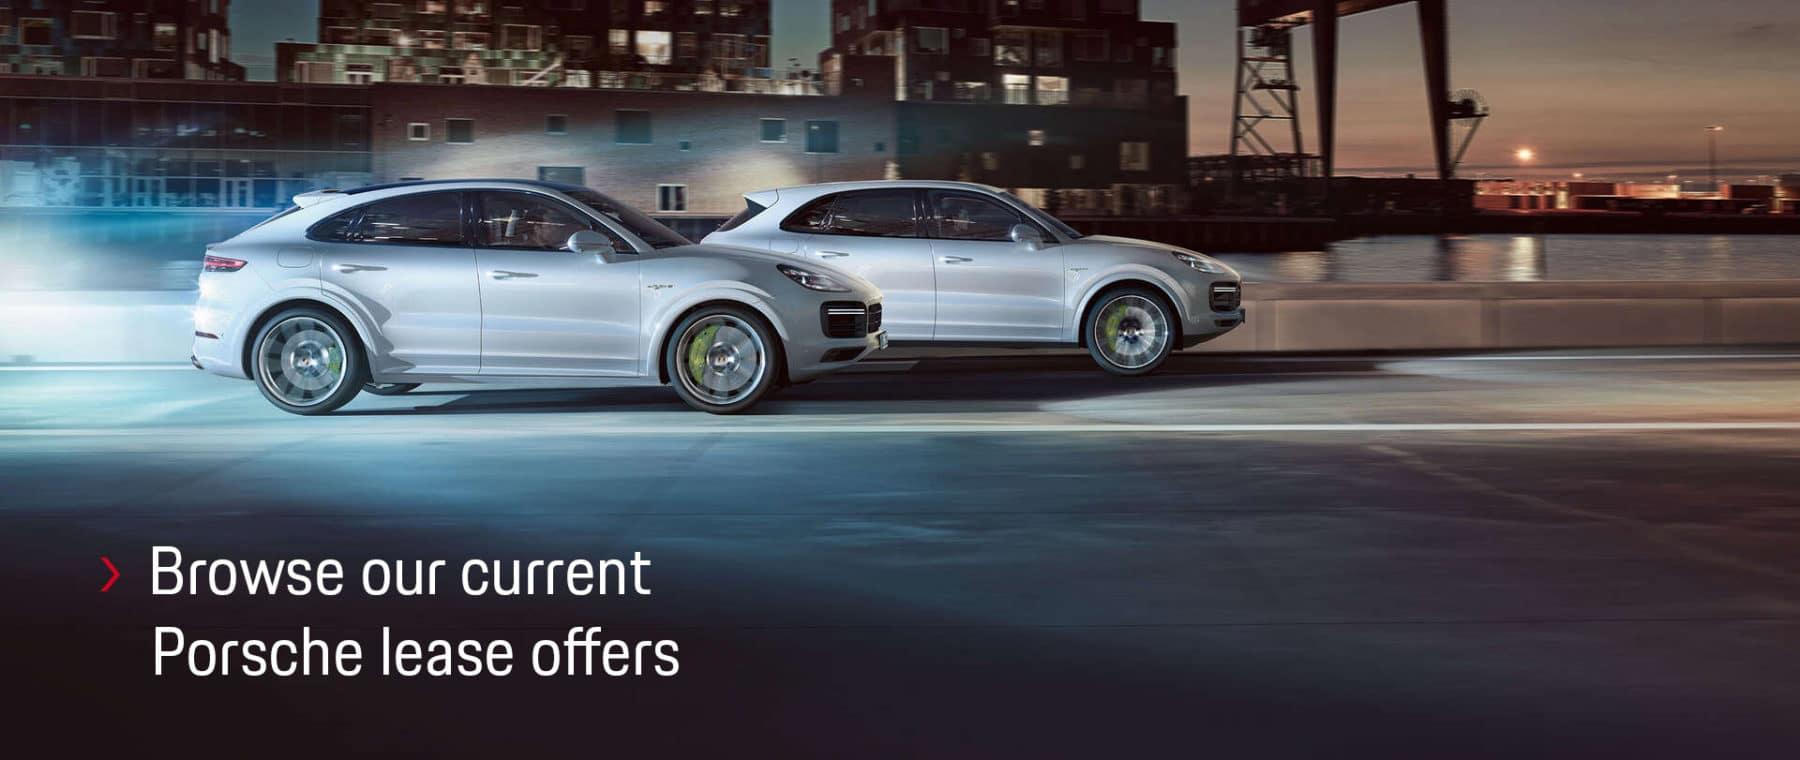 Browse our current Porsche specials